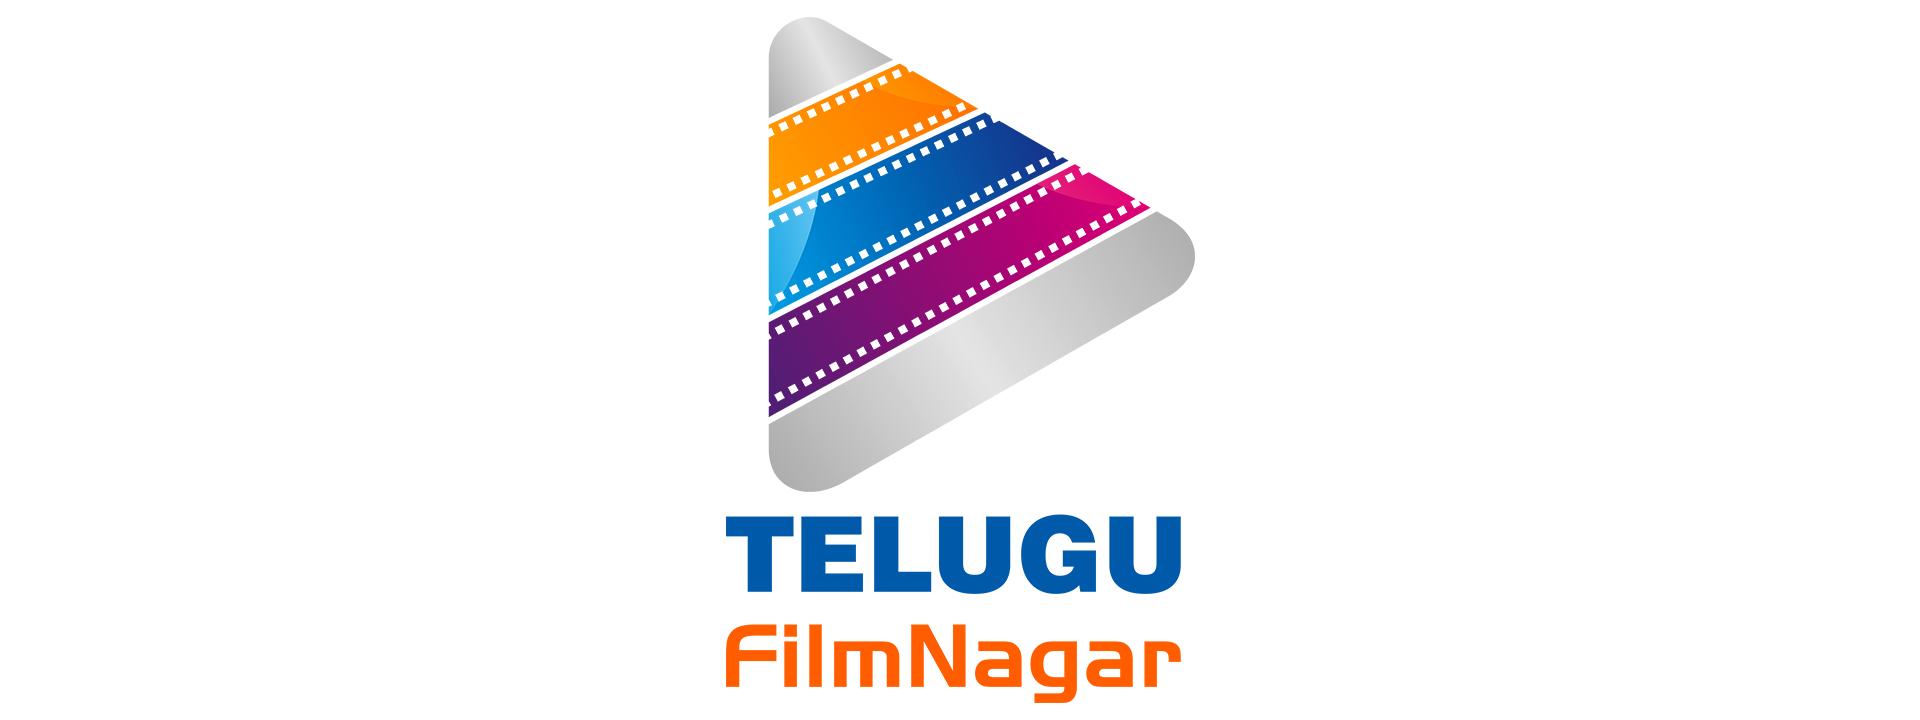 Amazon.com: Telugu Filmnagar: Appstore for Android